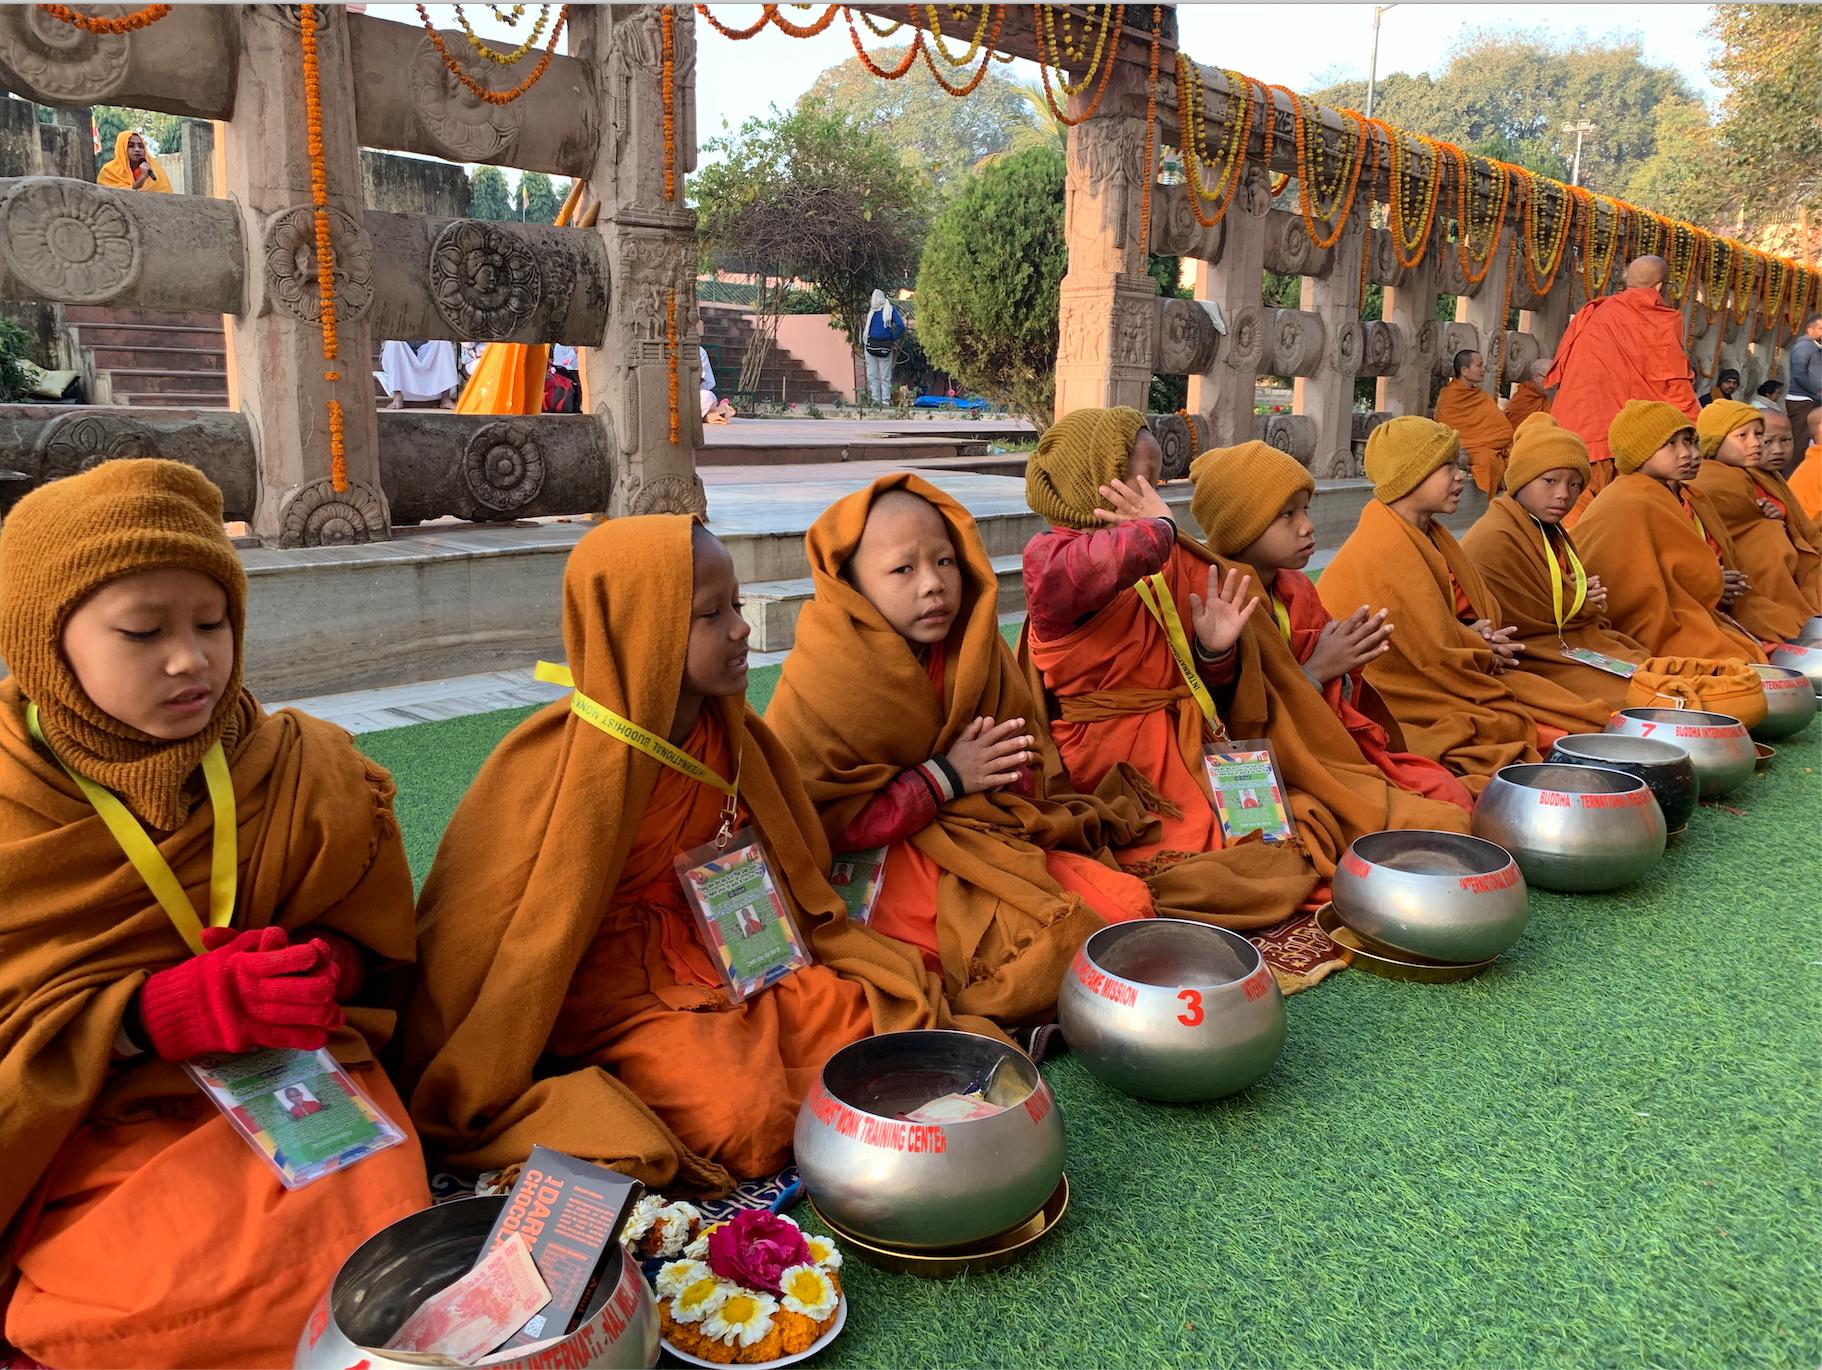 Junge Mönche. Rigpa Gebetsfest, März 2019, Bodhgaya (Indien)